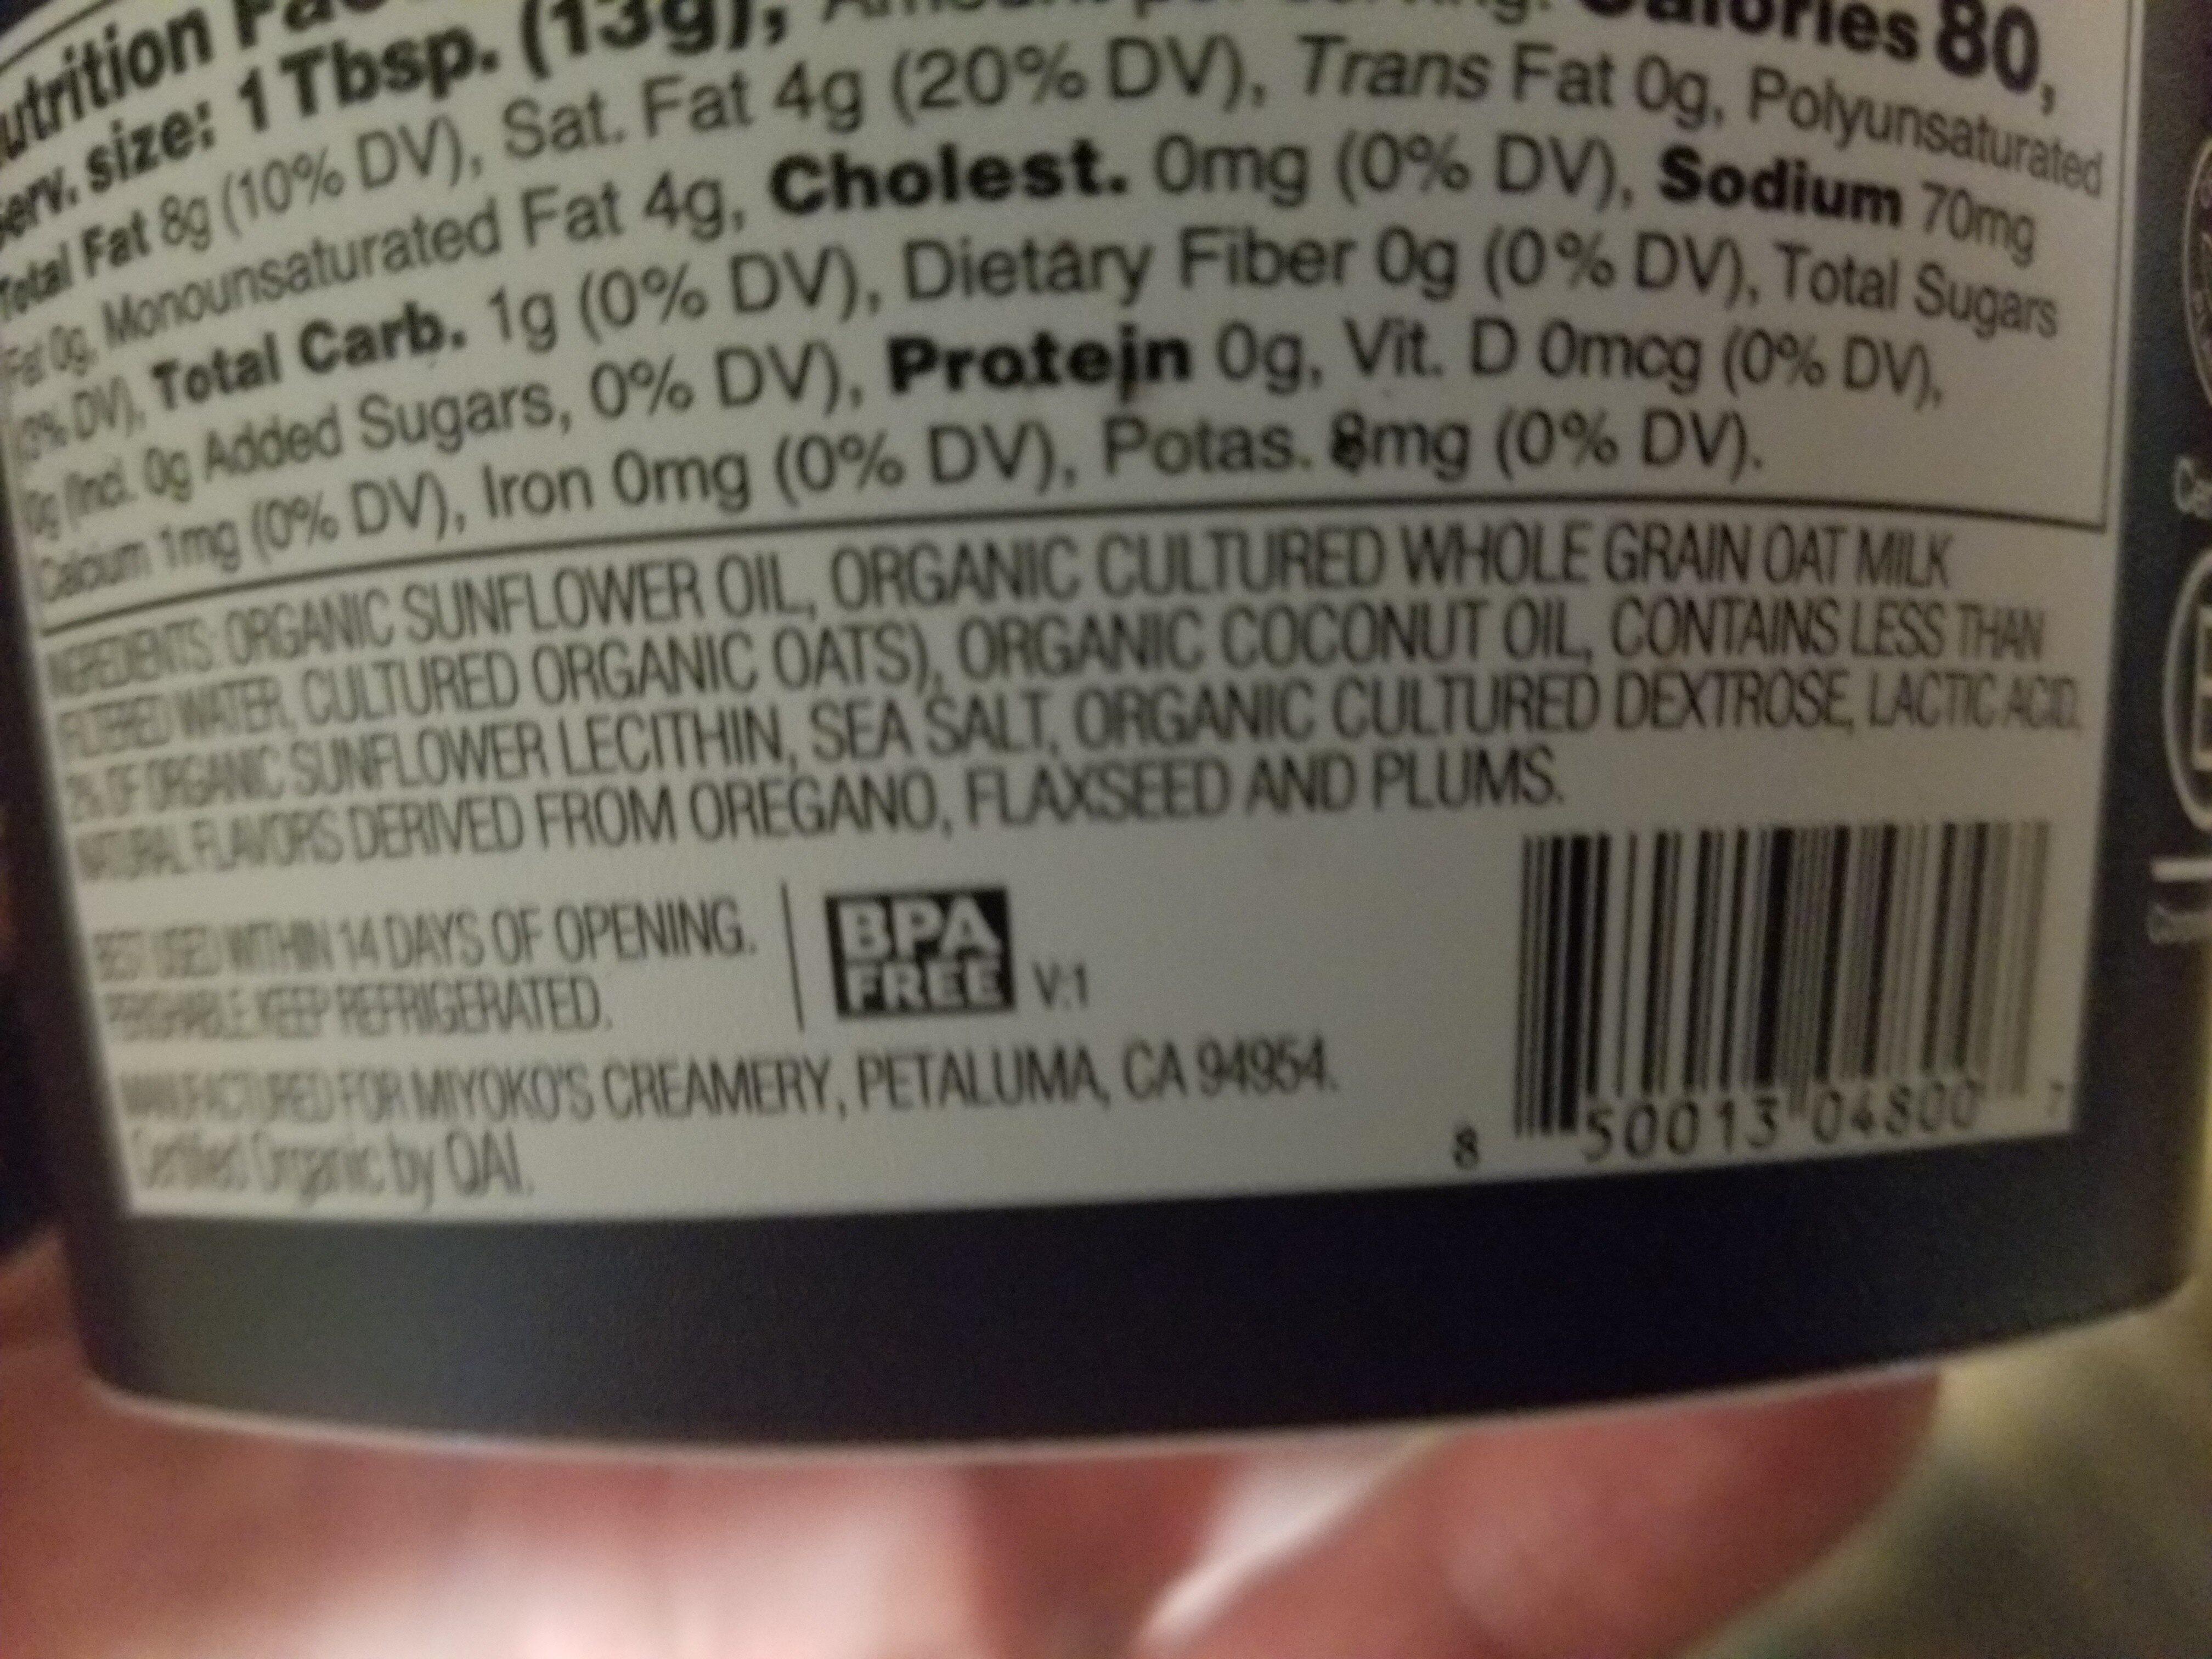 Hint of sea salt cultured vegan oat milk butter - Ingredients - en